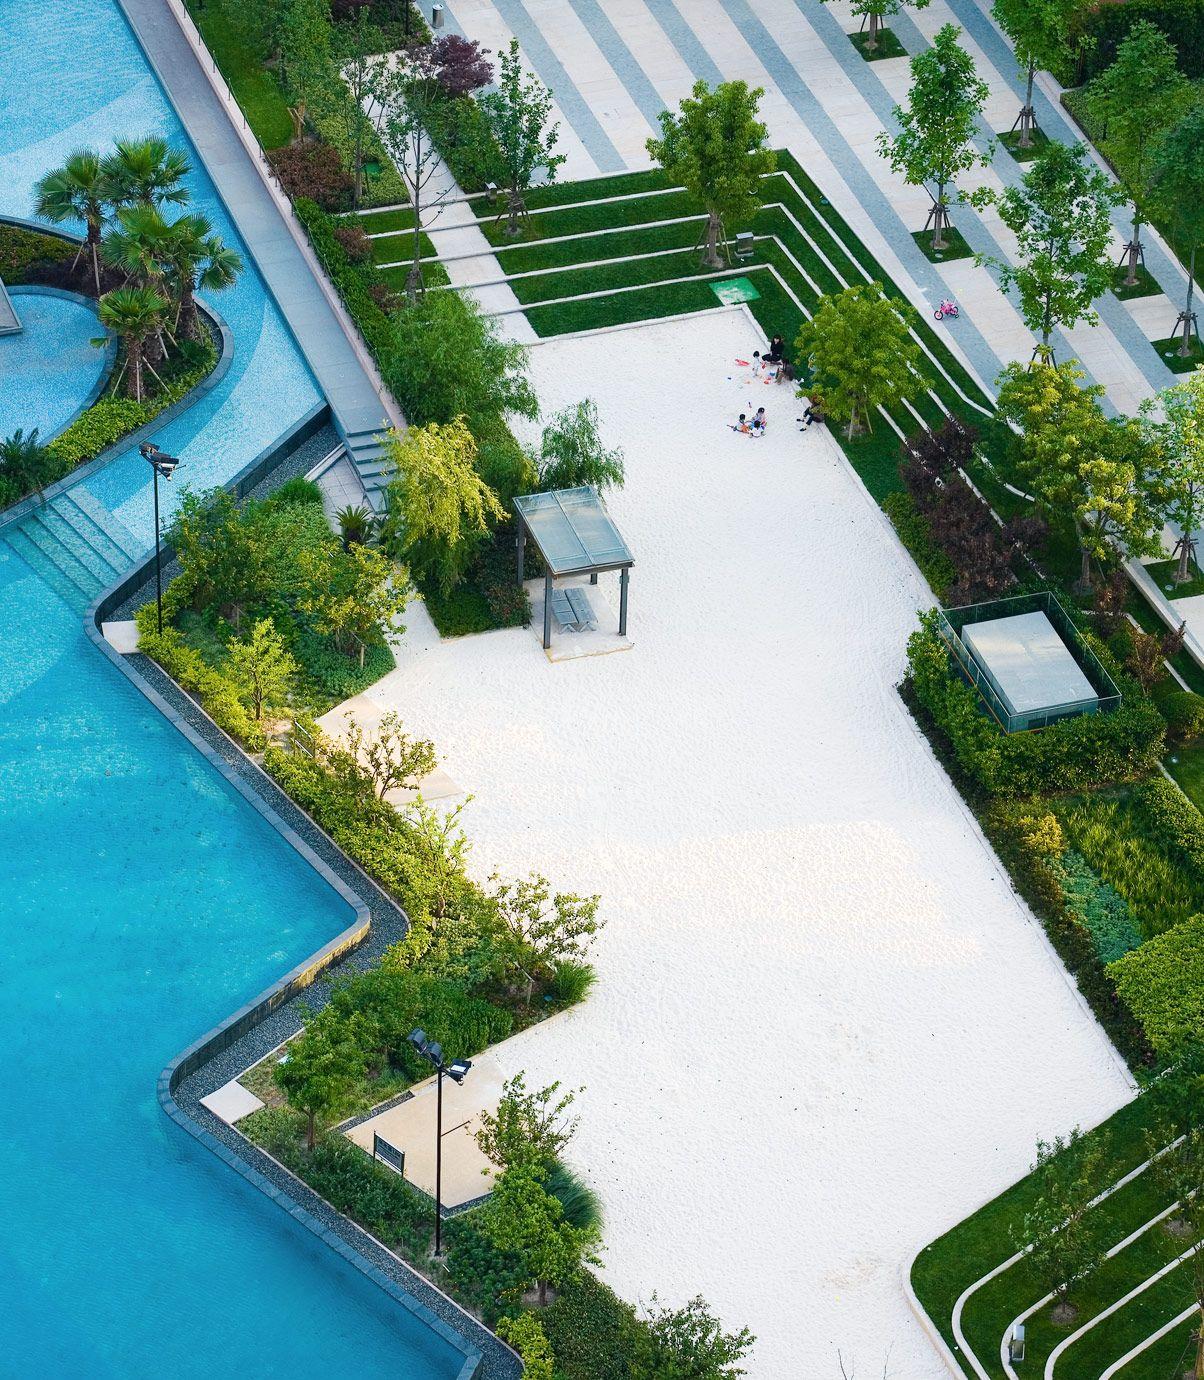 Landscape Architects: Landscape Architecture